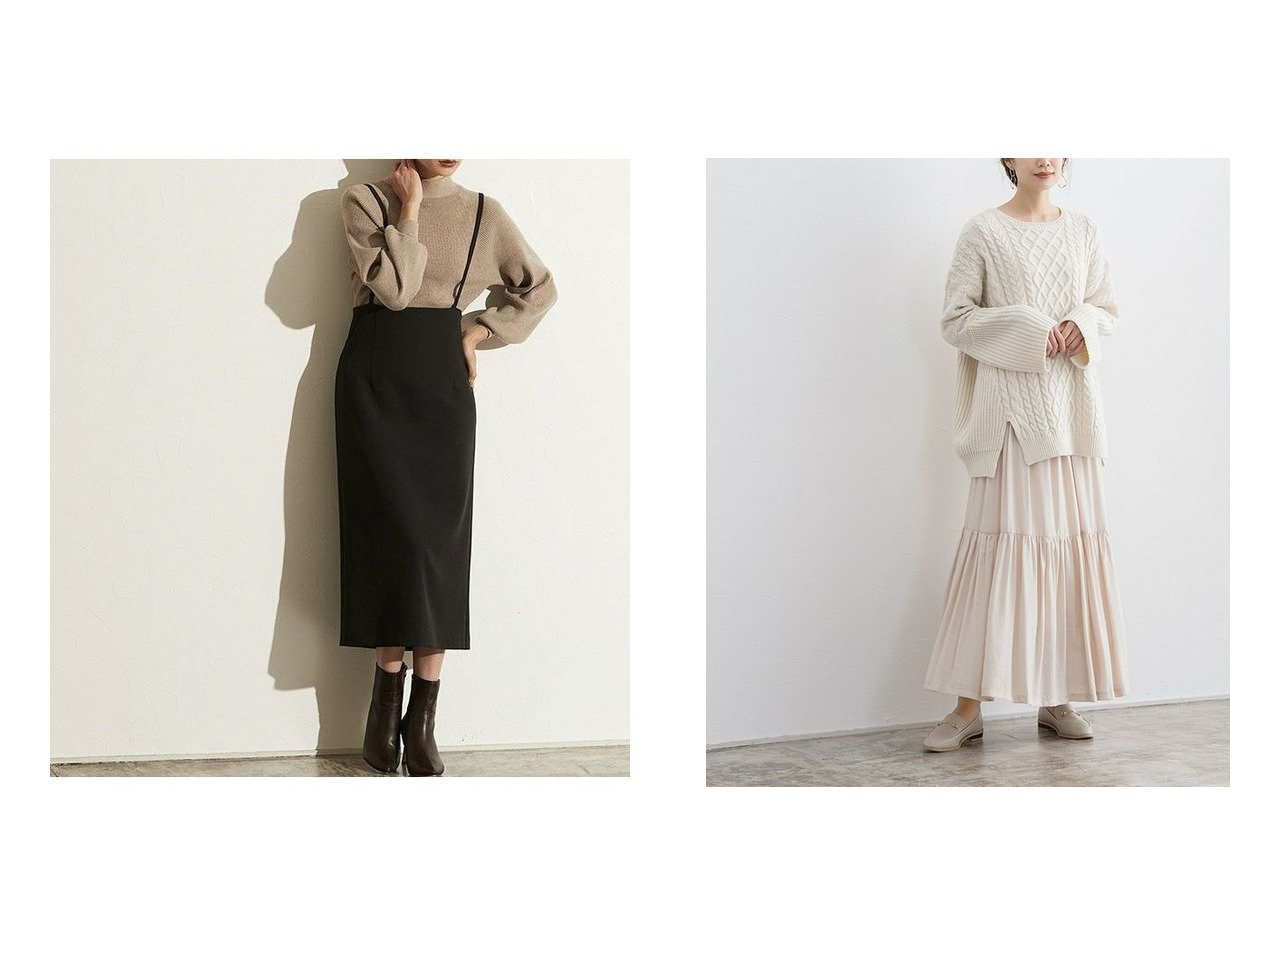 【Pierrot/ピエロ】のショルダーストラップサロペットスカート MD&ギャザー切り替えロングスカート MD おすすめ!人気!プチプライスで上品なファッションアイテムの通販  おすすめで人気の流行・トレンド、ファッションの通販商品 メンズファッション・キッズファッション・インテリア・家具・レディースファッション・服の通販 founy(ファニー) https://founy.com/ ファッション Fashion レディースファッション WOMEN スカート Skirt ロングスカート Long Skirt ジョーゼット スリット プチプライス・低価格 Affordable ラップ ギャザー シューズ フレア ロング |ID:crp329100000021230